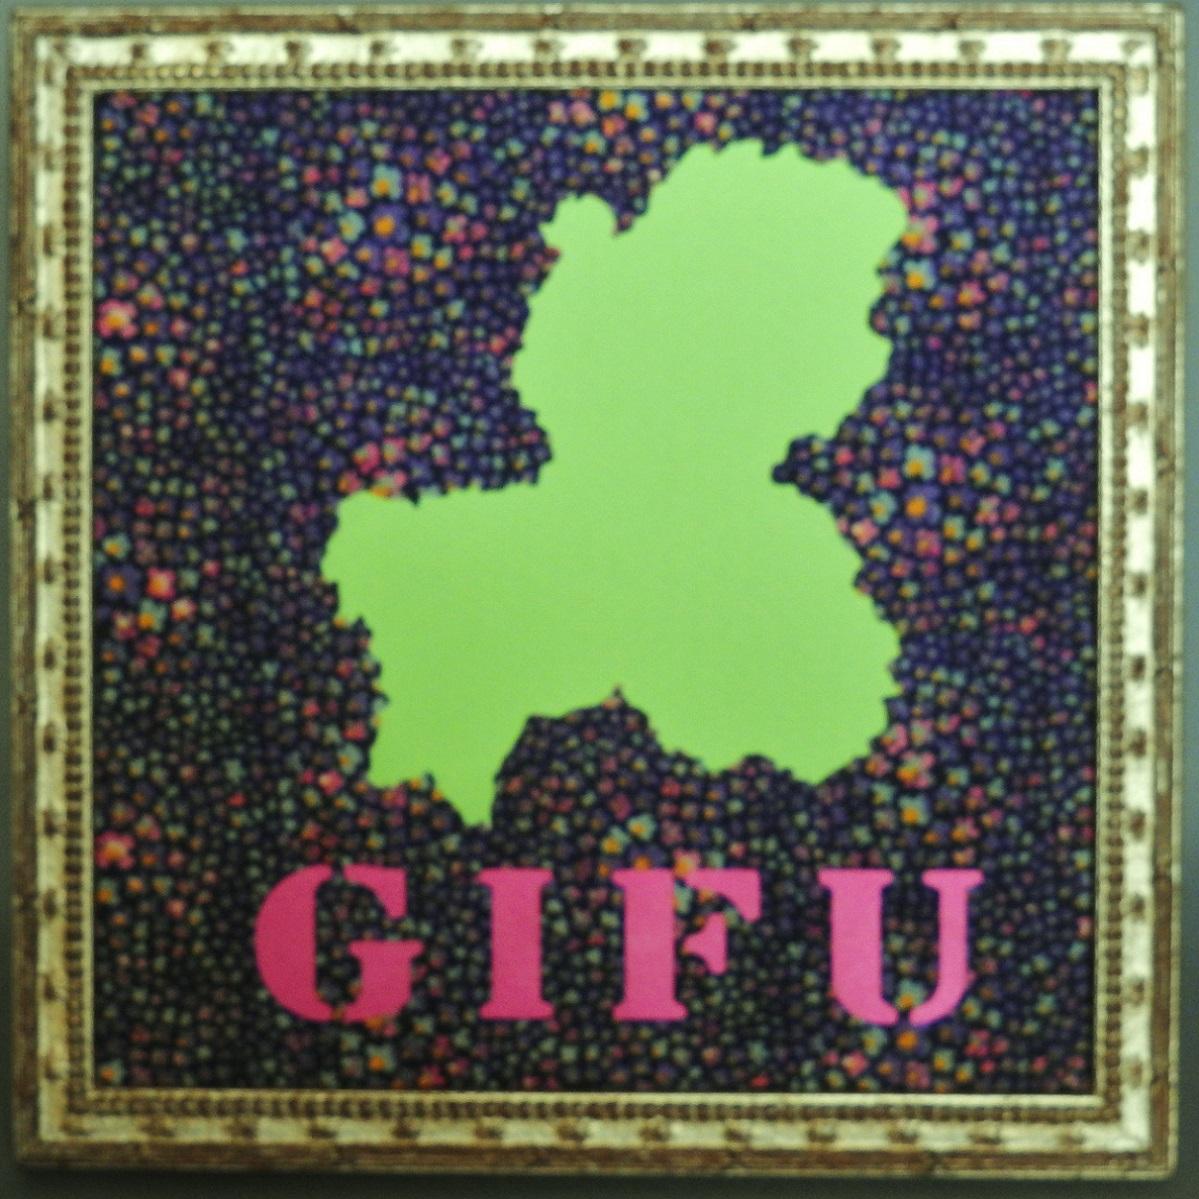 理髪用刃物の出荷金額日本一。岐阜県の地図をモチーフにした壁飾りです。220mmの正方形です。